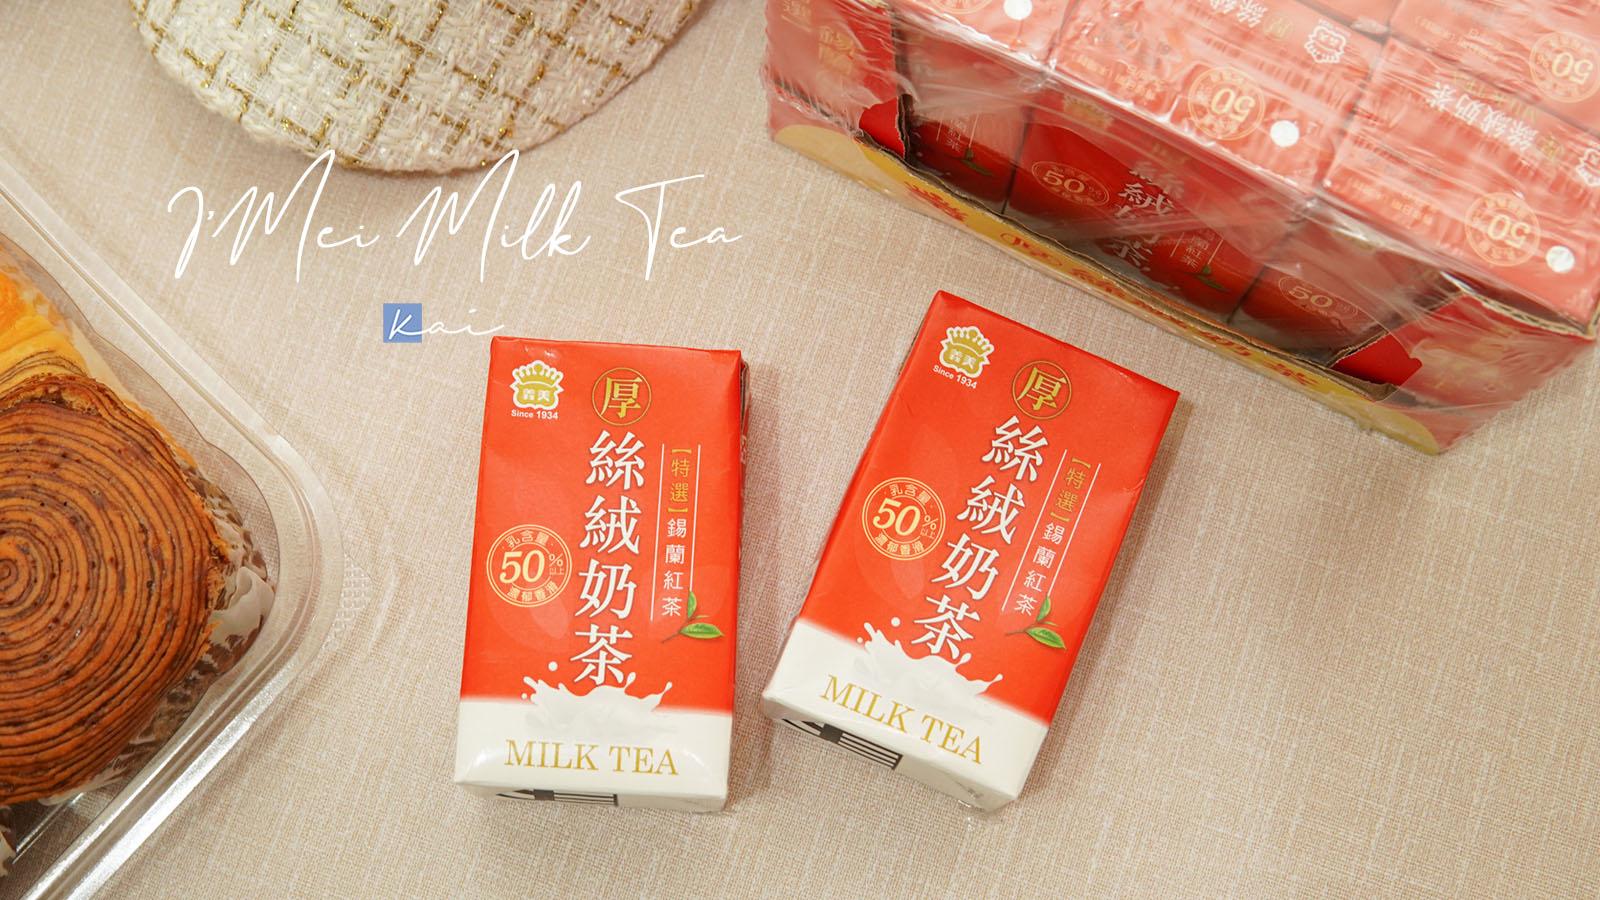 網站近期文章:☆【好市多美食】義美厚絲絨奶茶新登場!「奶茶之亂」再起